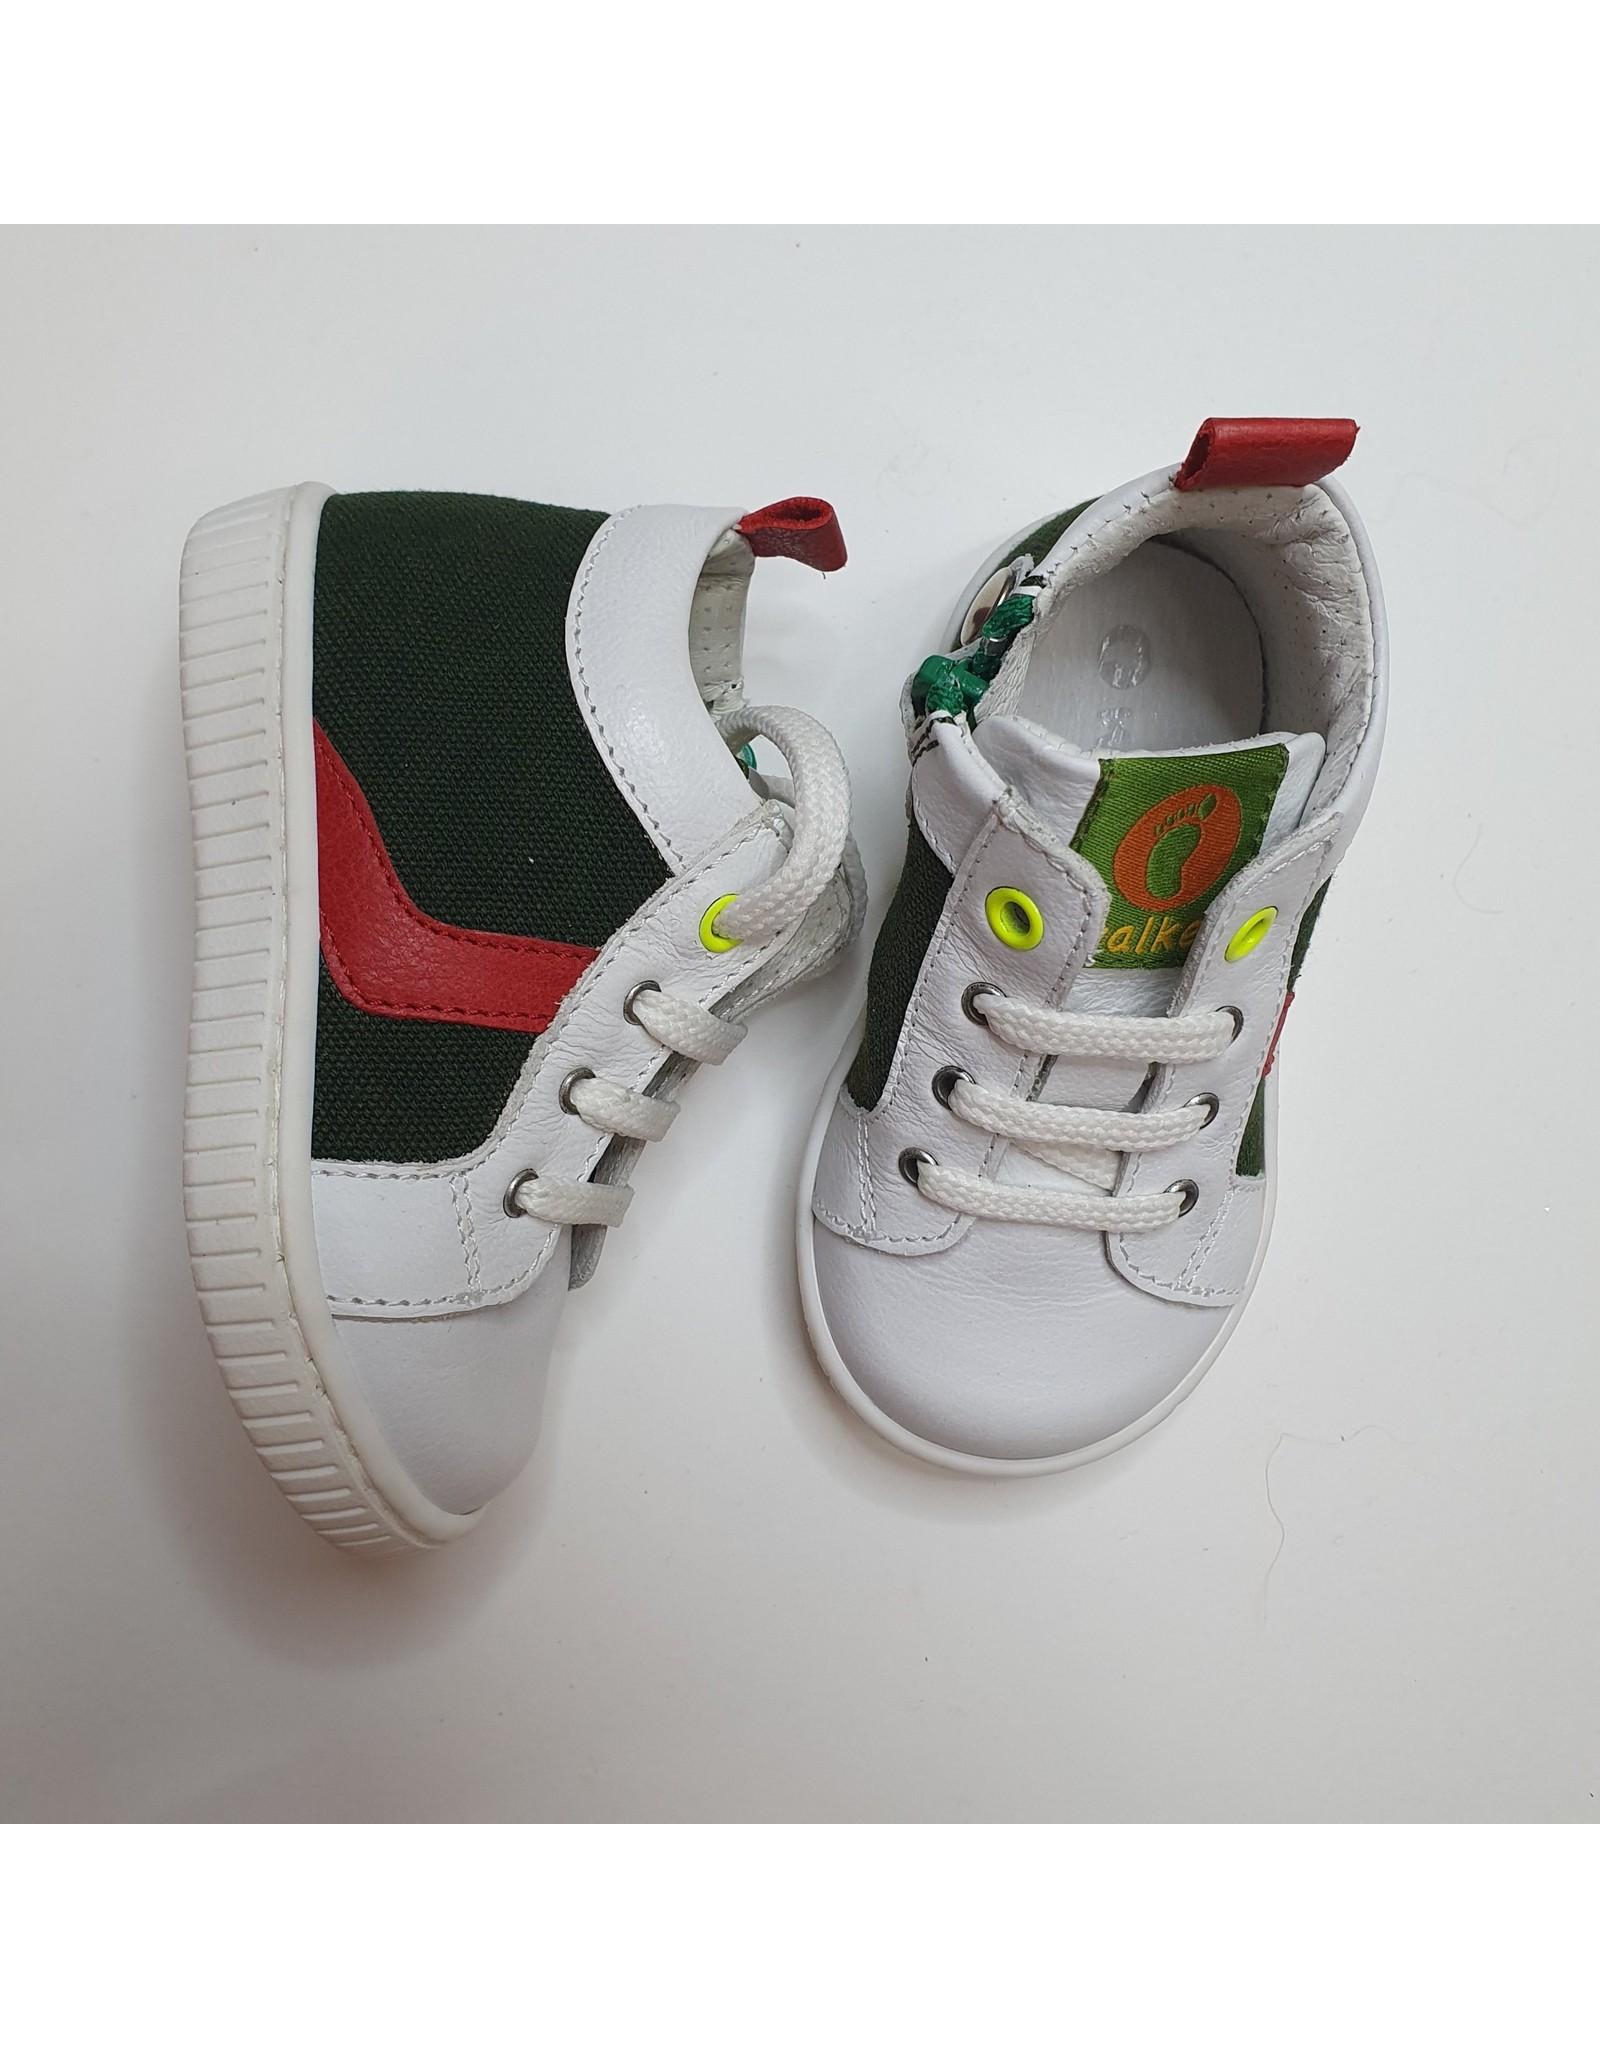 Walkey sneaker white, green, red stripe